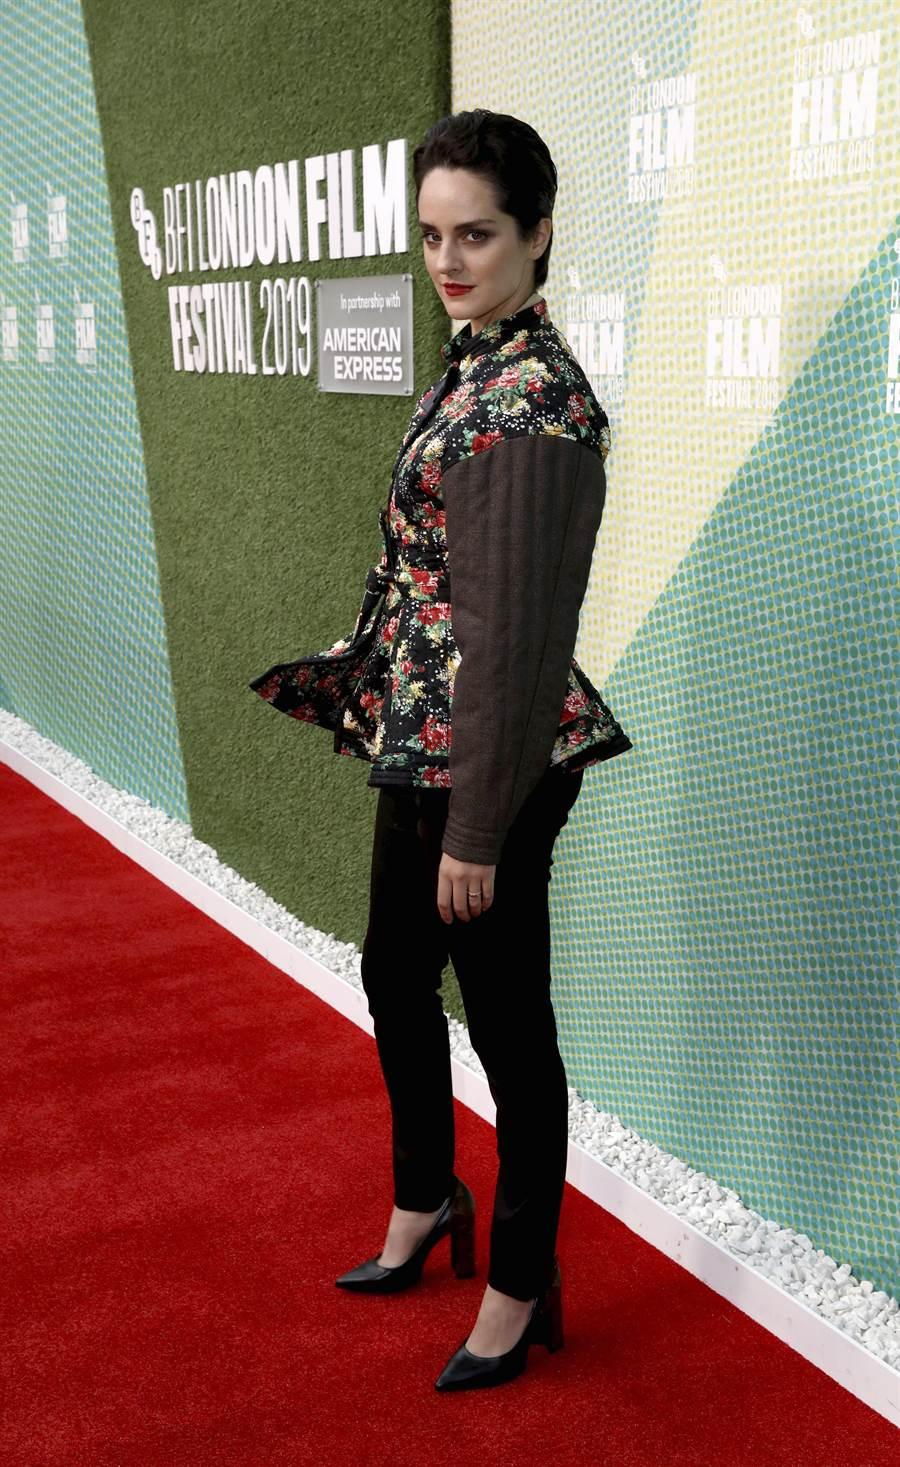 諾耶米梅蘭特勇於穿著強烈設計,倫敦首映穿LV花卉束腰外套,結構感設計相當強烈,30萬9000元。(美聯社)